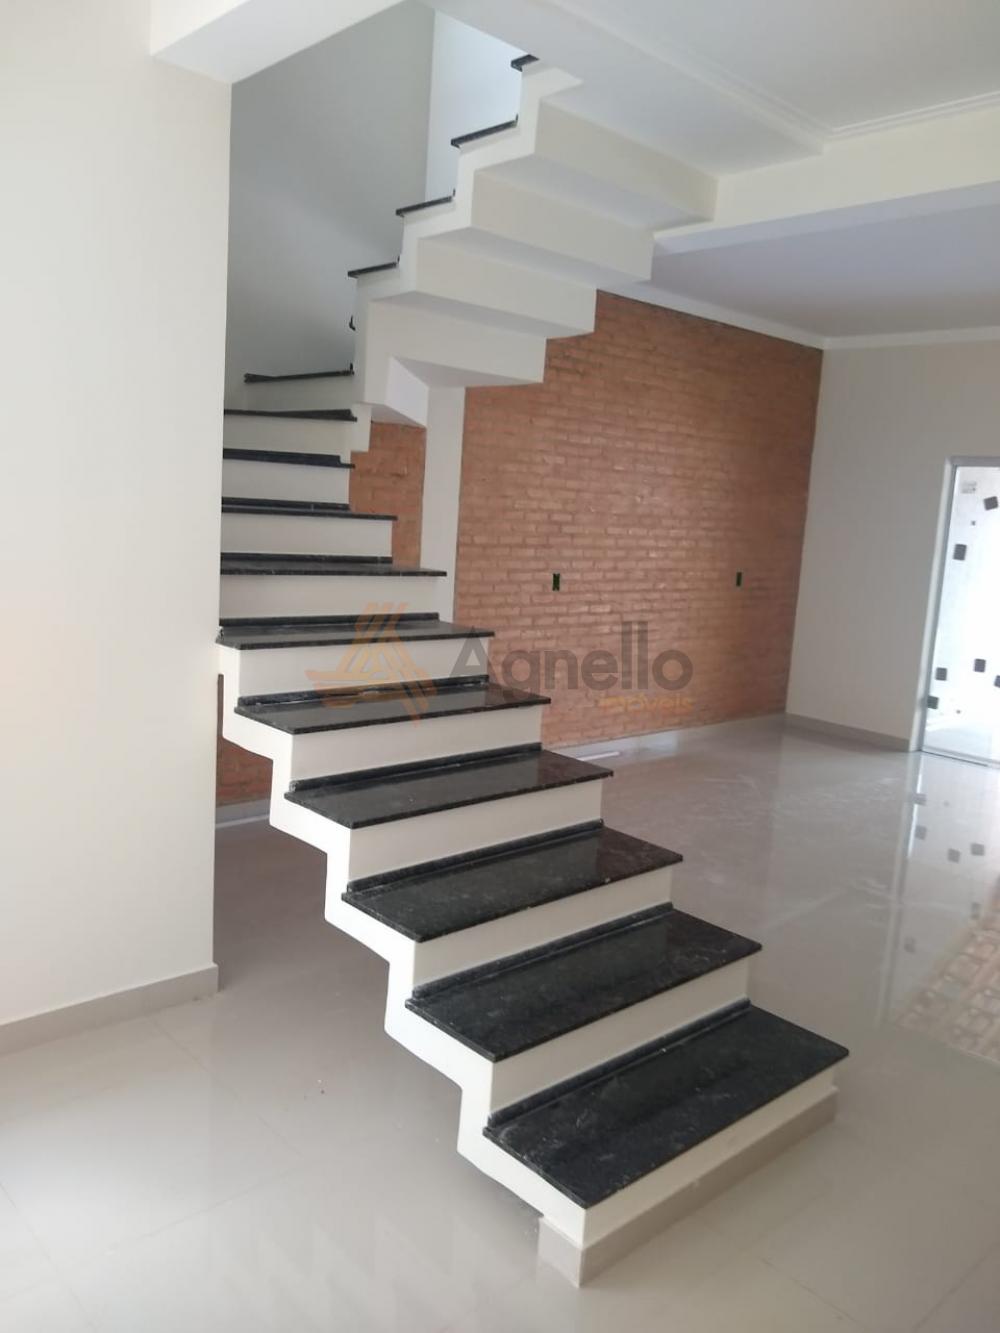 Comprar Casa / Padrão em Franca apenas R$ 550.000,00 - Foto 7